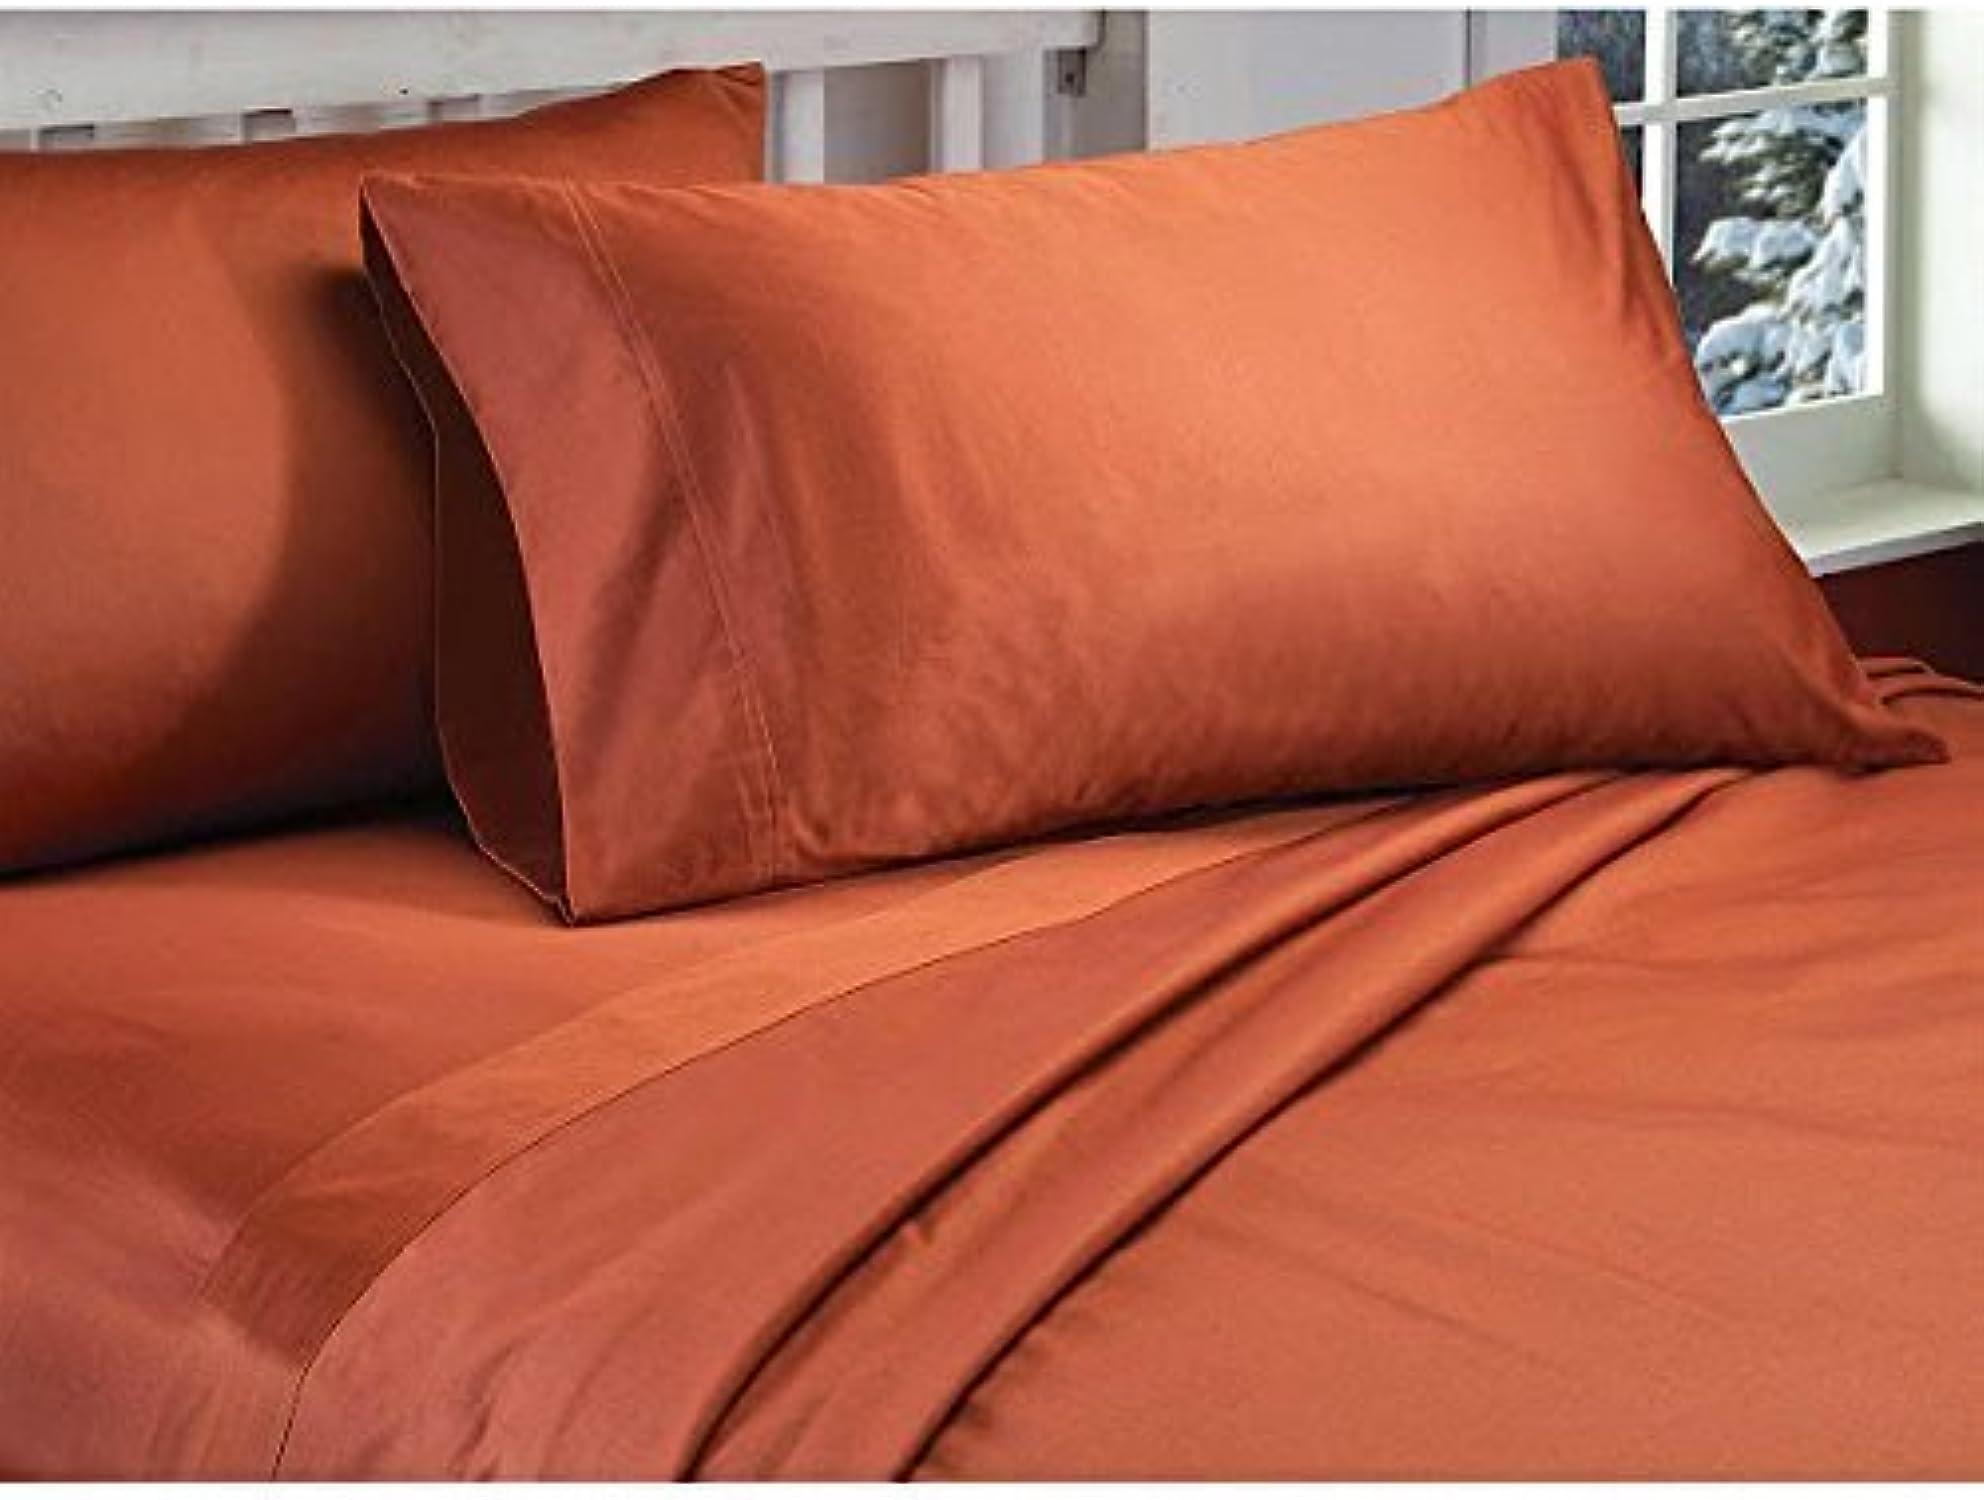 punto de venta de la marca Hoja plana LaxLinens con fundas de almohada almohada almohada eggelston doble, ladrillo rojo sólido 450 hilos de algodón egipcio  hasta 42% de descuento